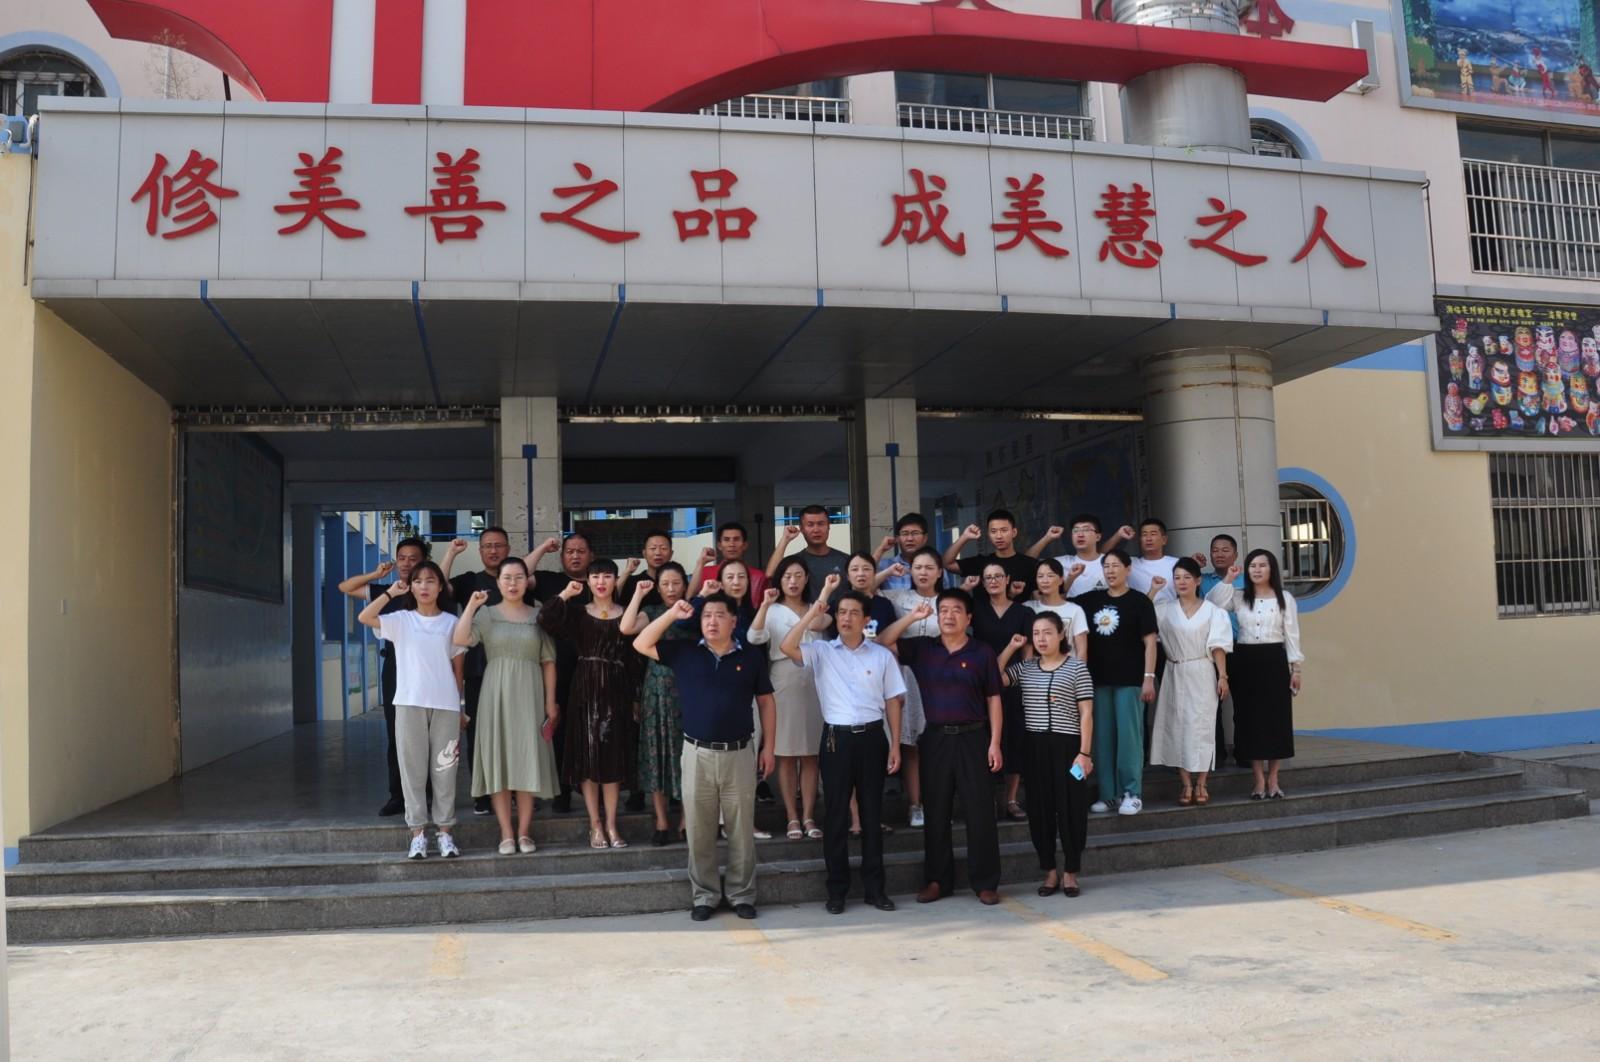 甘守三尺讲台,争做四有教师!薛城区临山小学庆祝第36个教师节